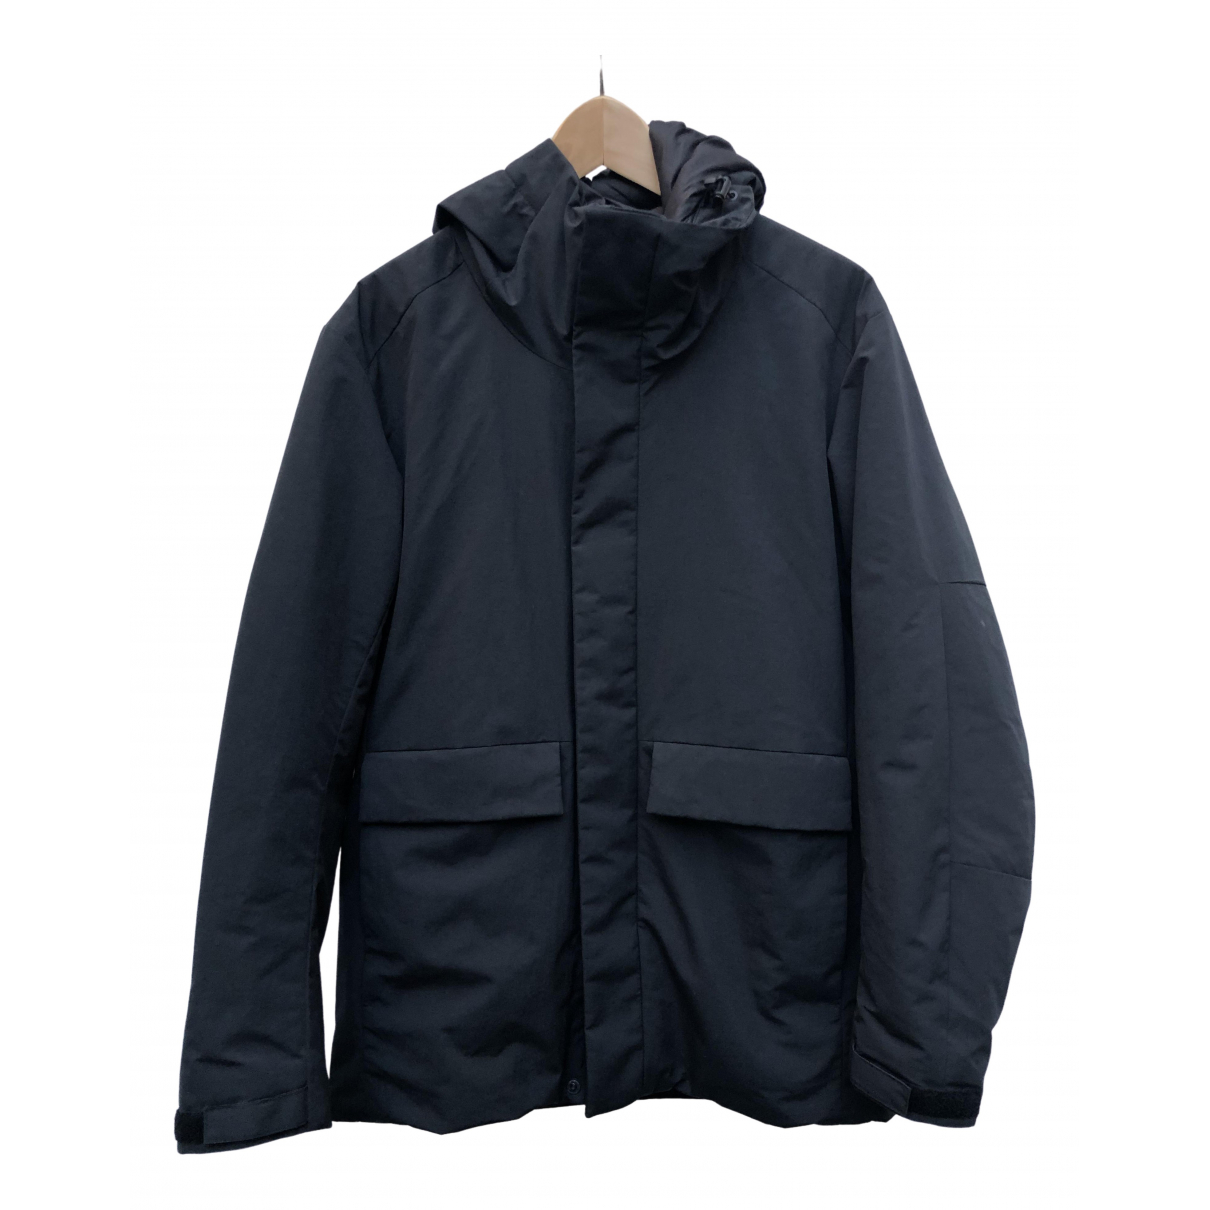 Uniqlo - Manteau   pour homme - noir